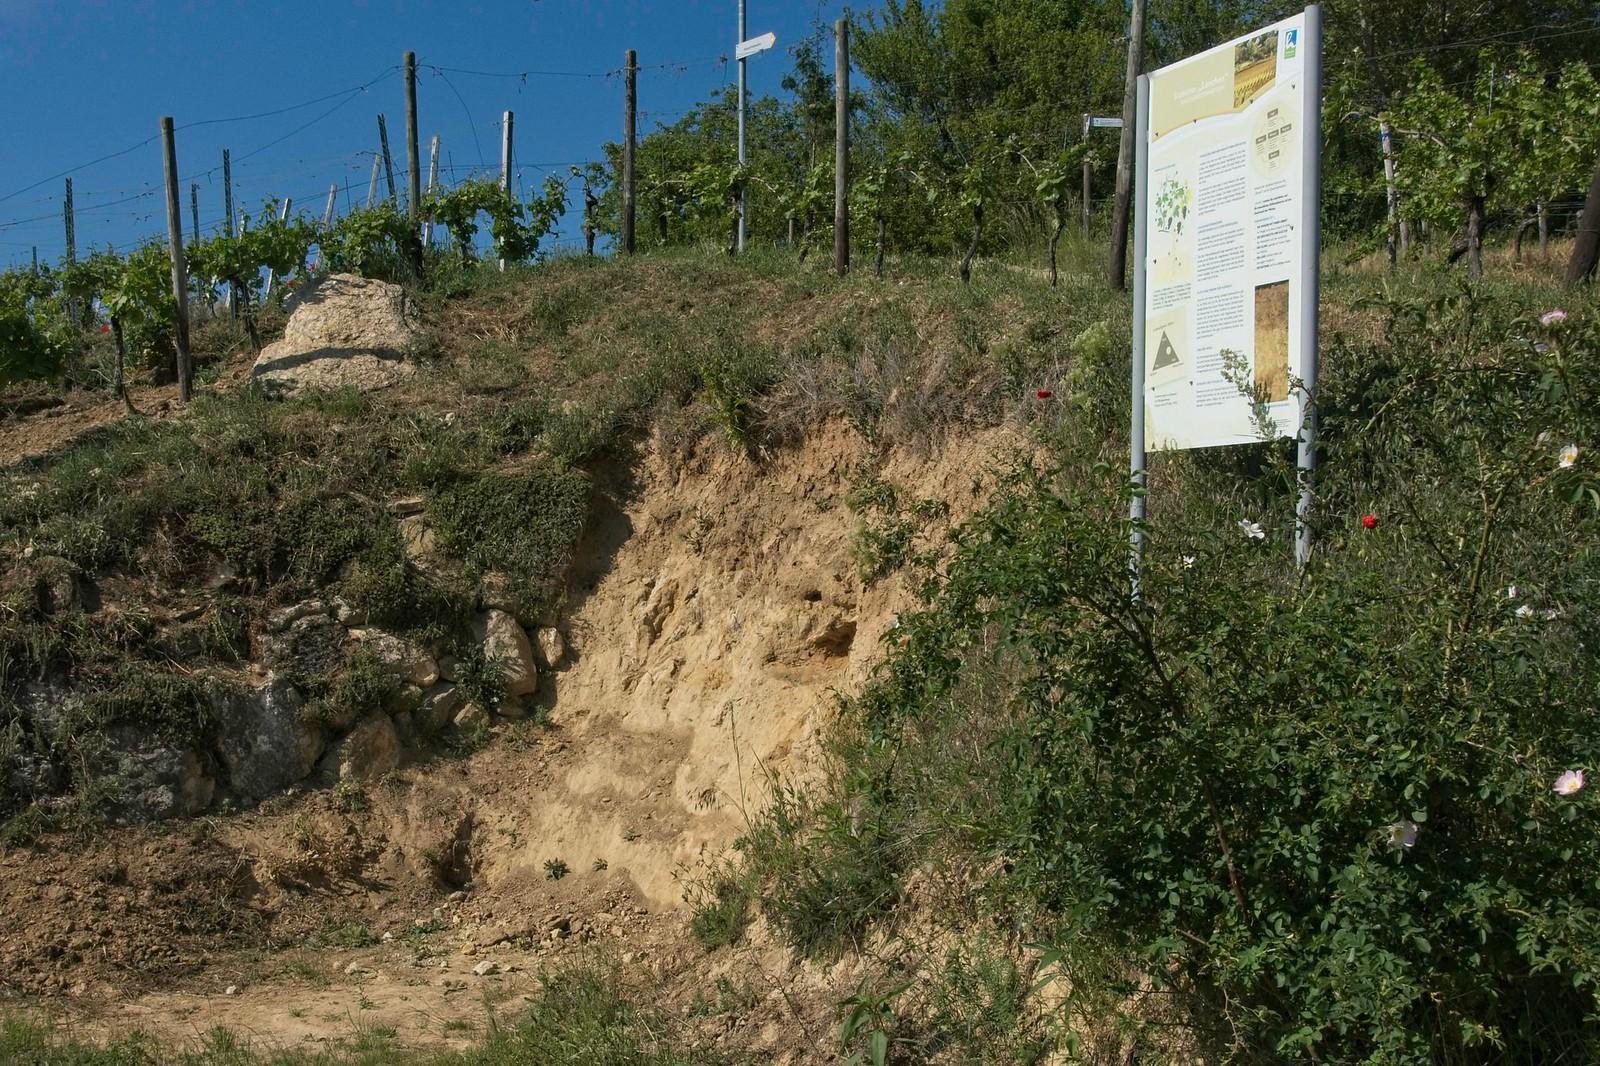 Bodenprofil Kalksandstein (Hiwweltour Stadecker Warte)